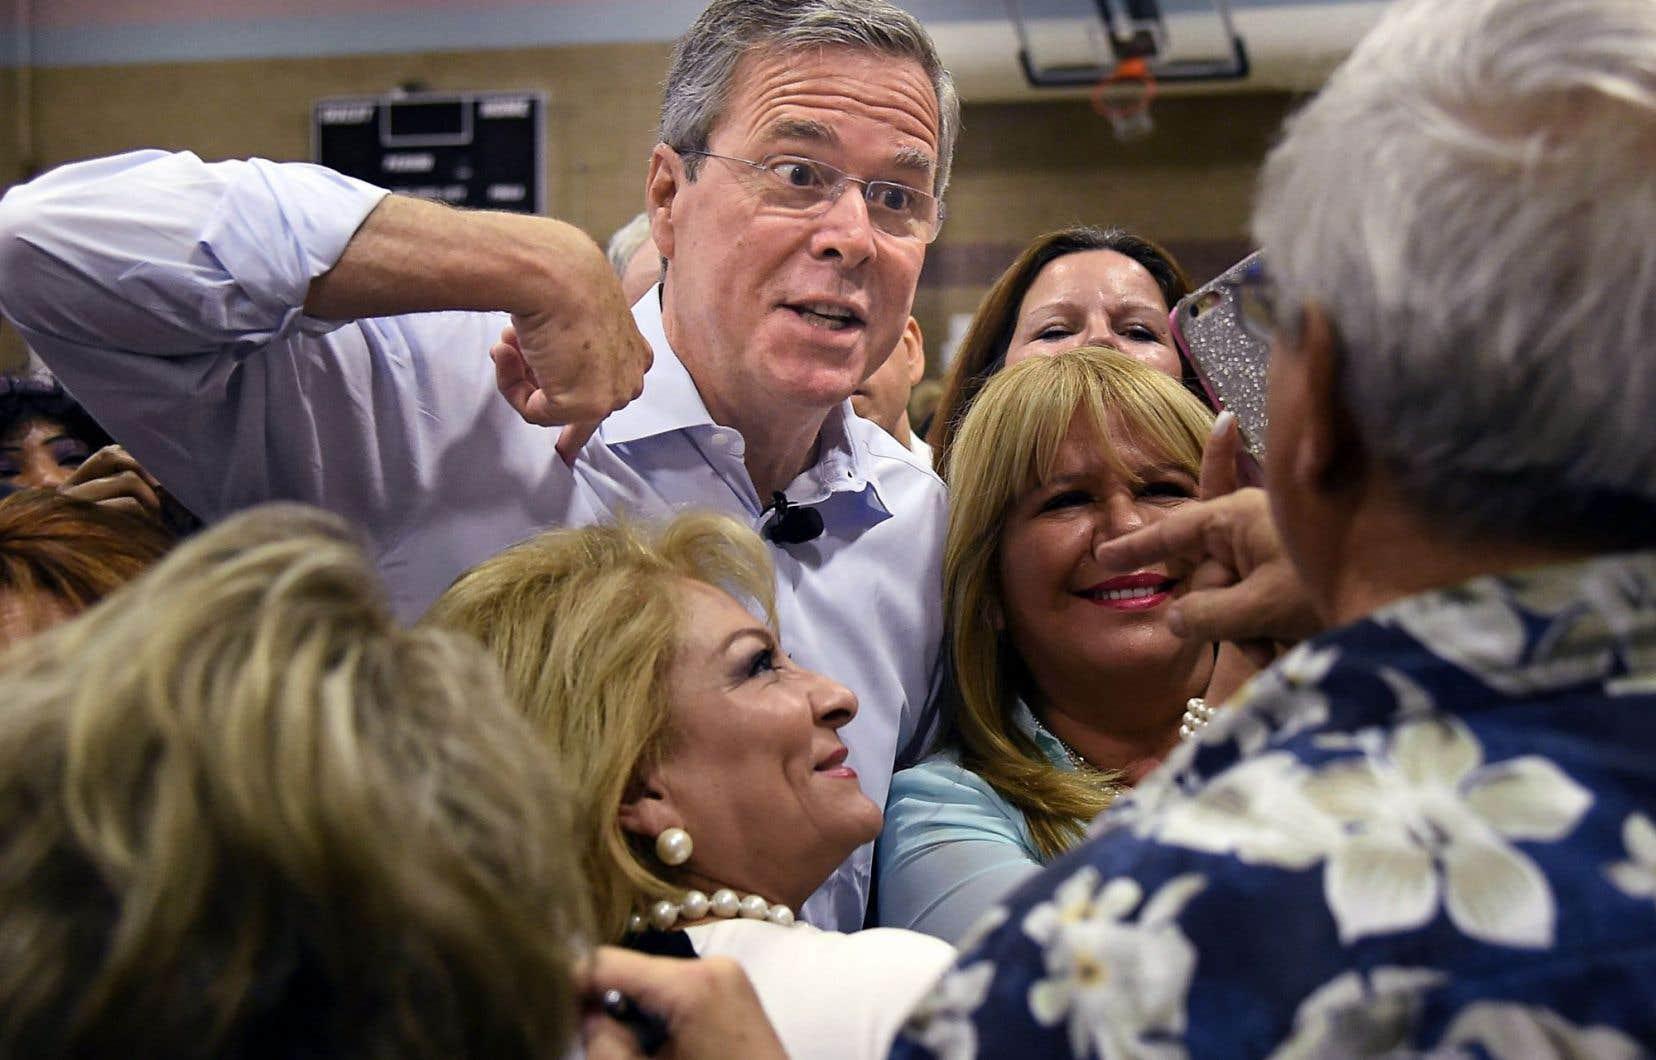 Avant même de devenir gouverneur, Jeb Bush se présentait ouvertement comme aussi, voire plus à droite que son frère George W.